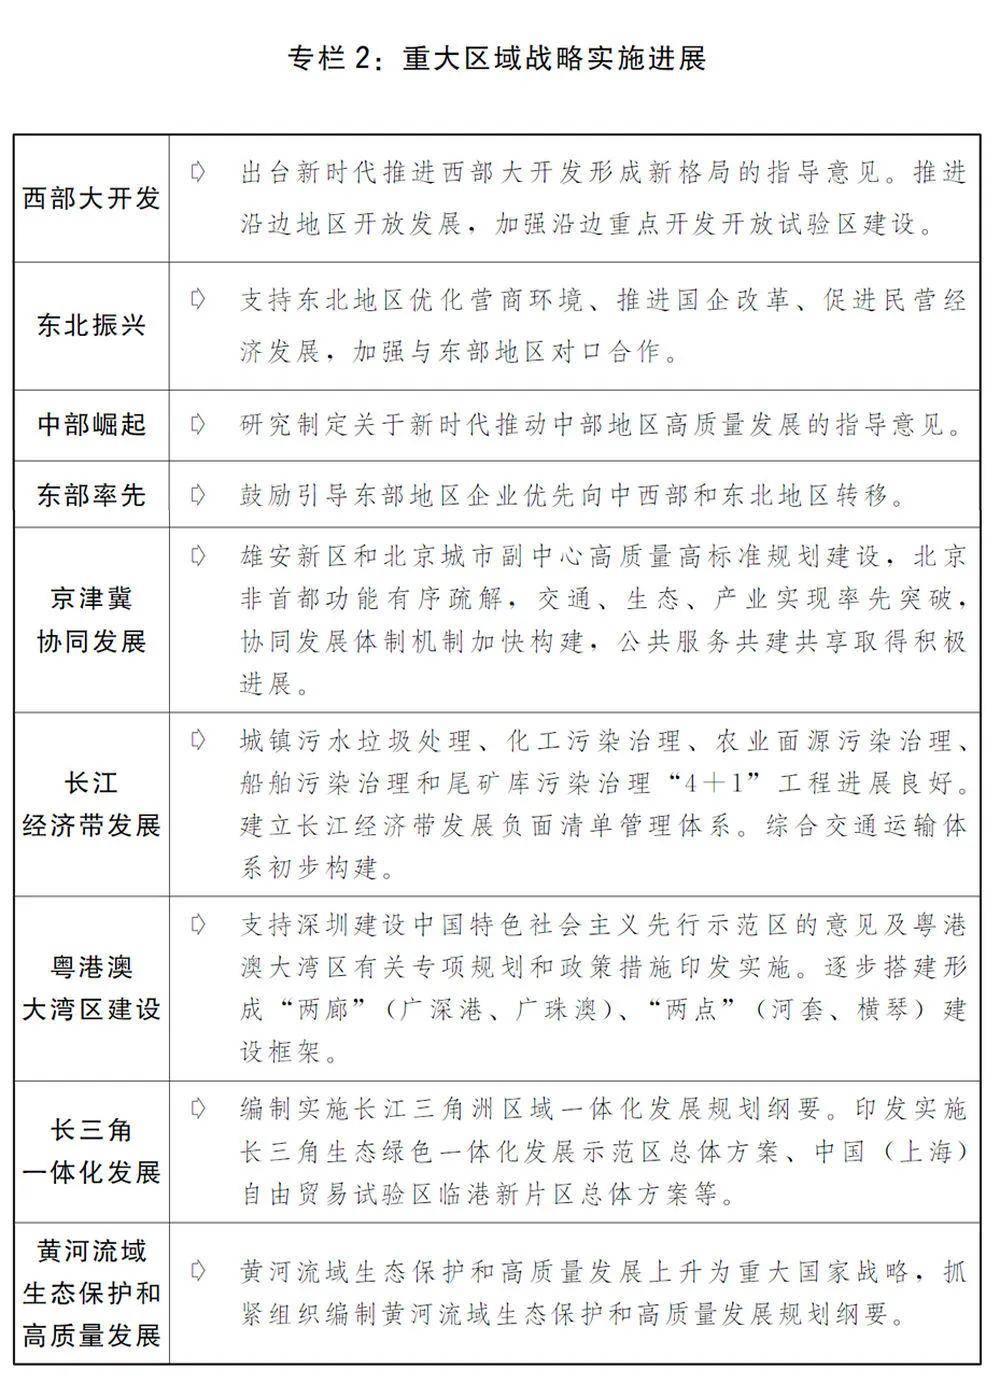 国民经济总量发展的需要_中国发展图片